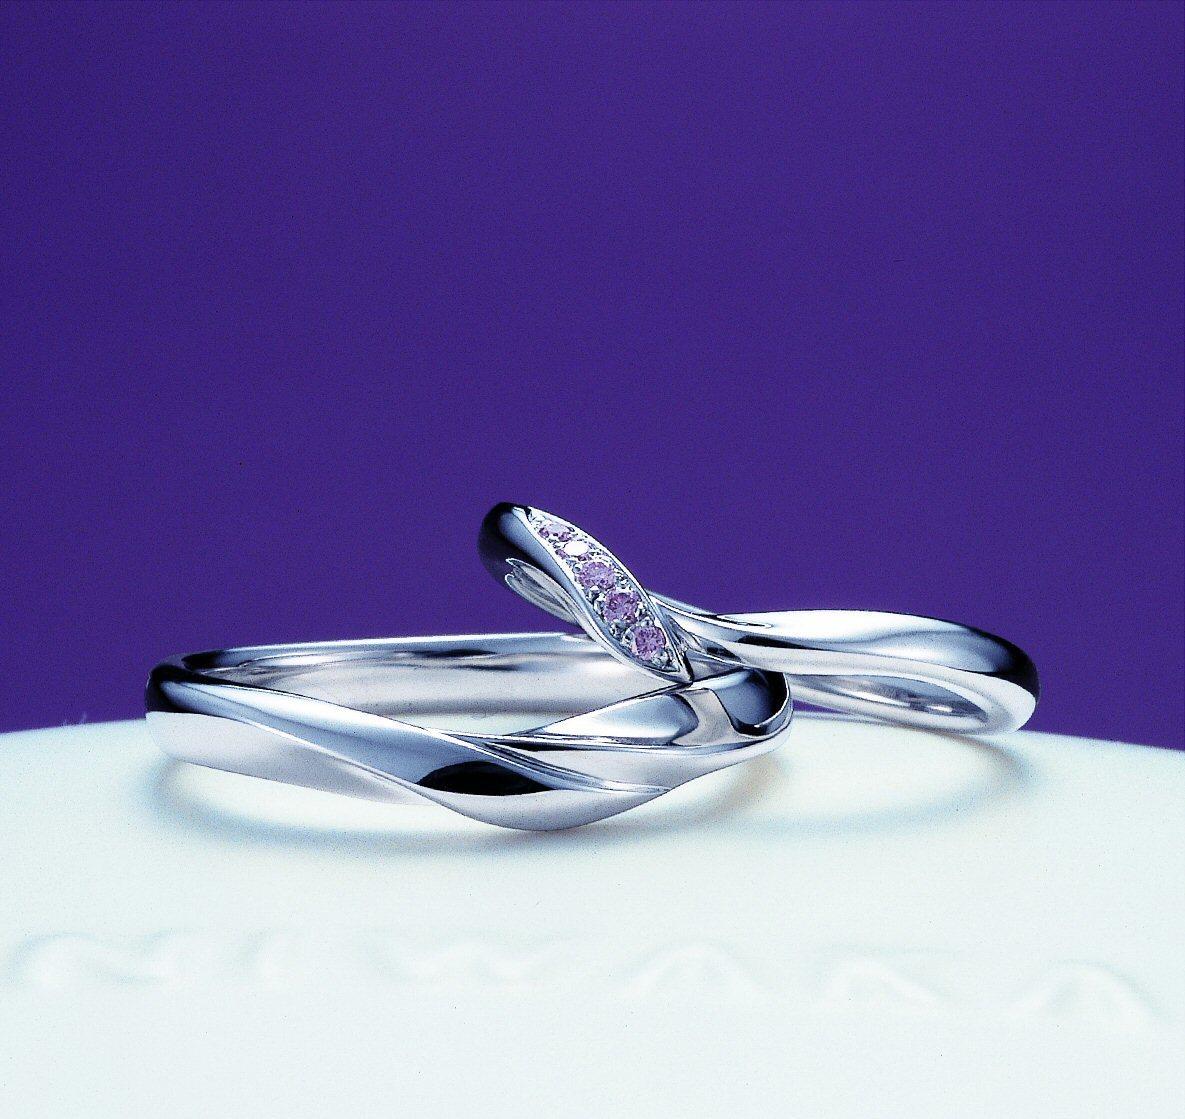 「初桜(ういざくら)」の物語~結婚指輪に託す想い(幸せ作りの水先案内人さんと)~俄の結婚指輪のエピソード_f0118568_16323494.jpg